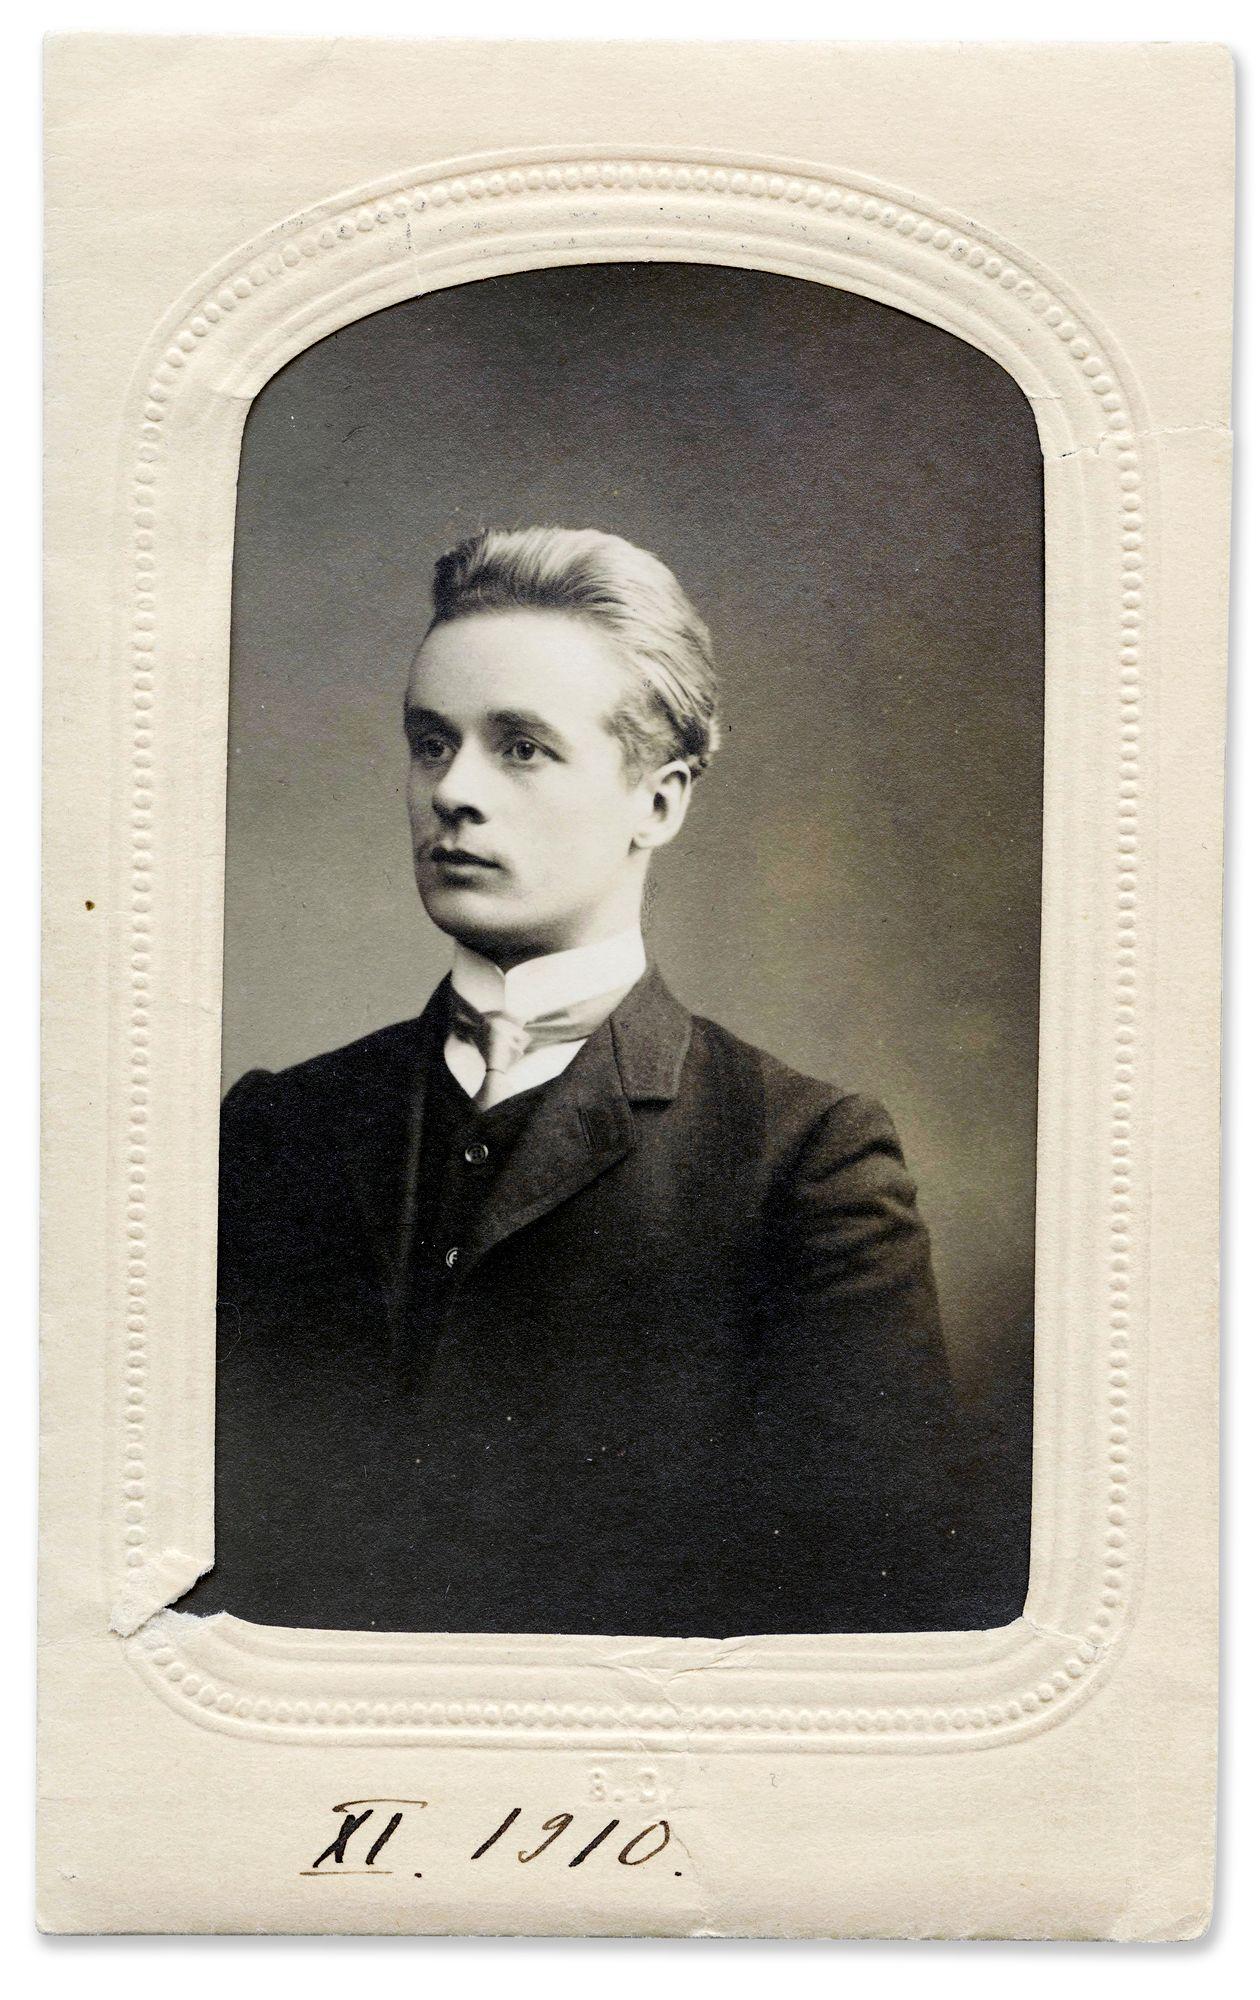 Juhani Siljo oli Ain'Elisabetin suuri rakkaus, jonka hän menetti sotaan. © Mikko Forsberg, Atelier Aino/SKS-arkisto